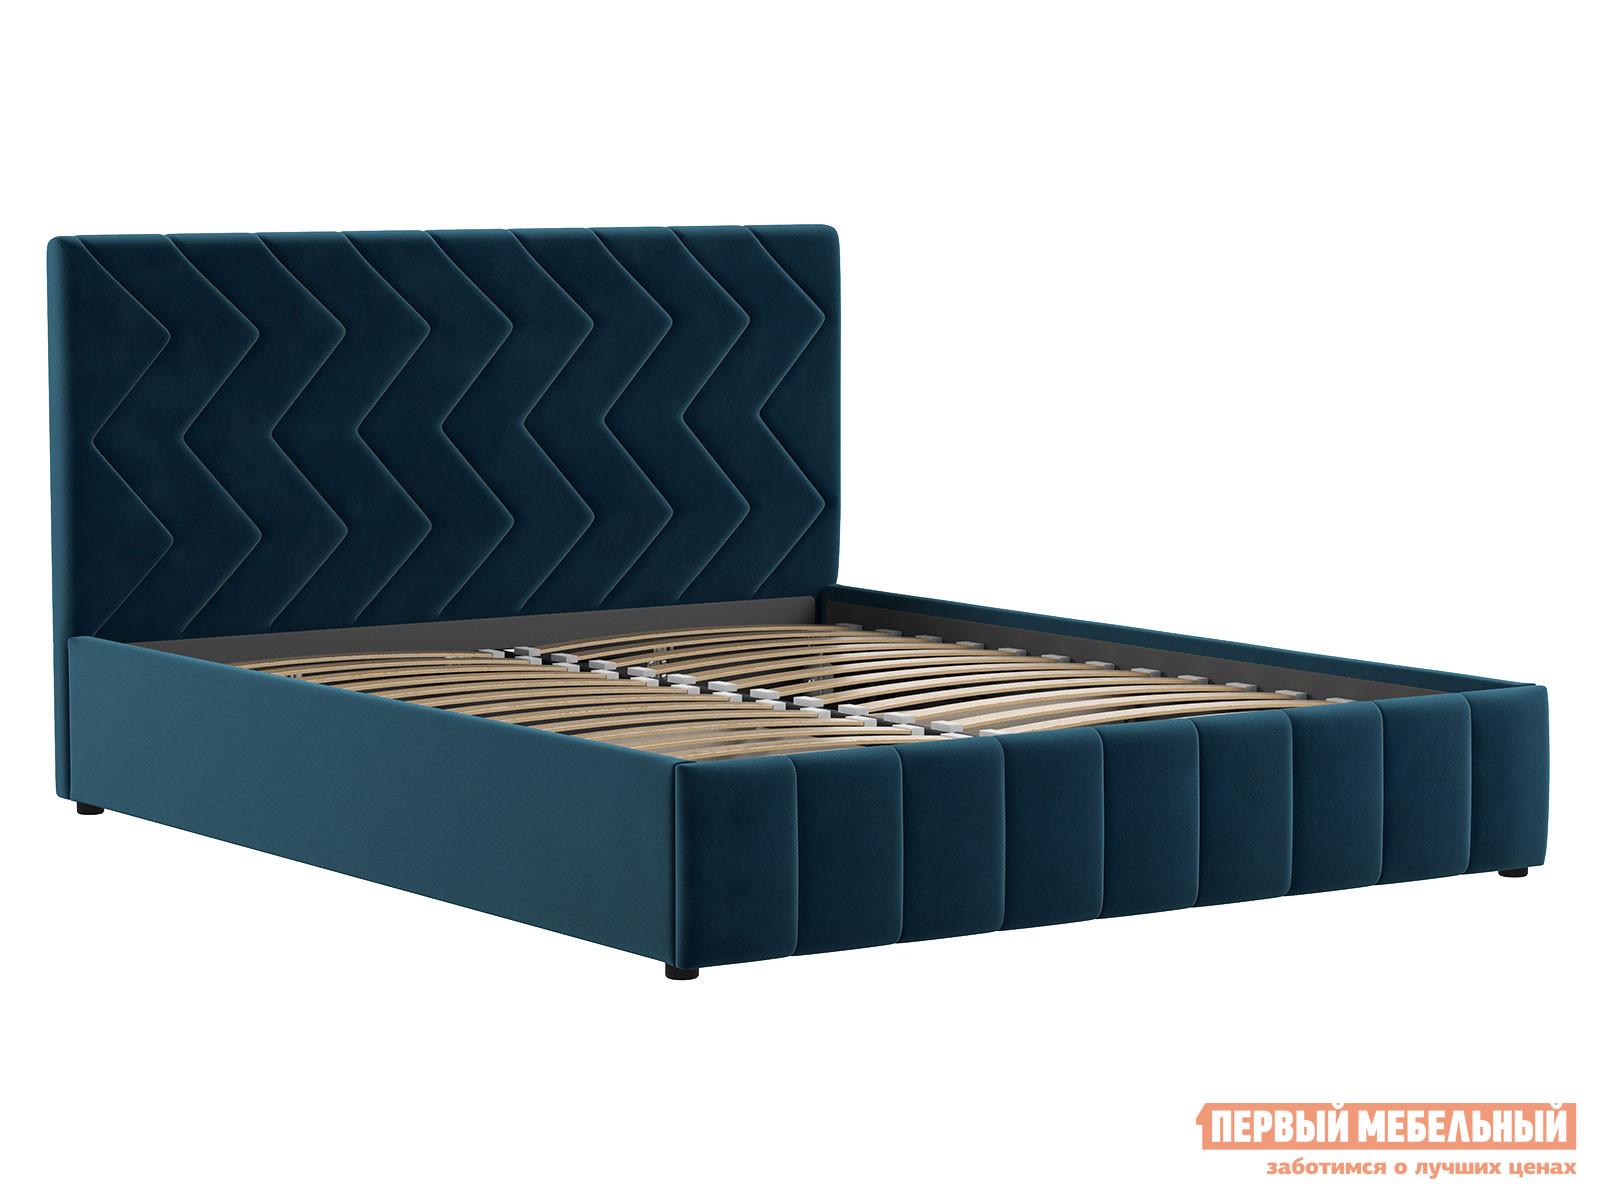 Двуспальная кровать  Кровать Милана с подъемным механизмом 160х200 Полуночно-синий, велюр